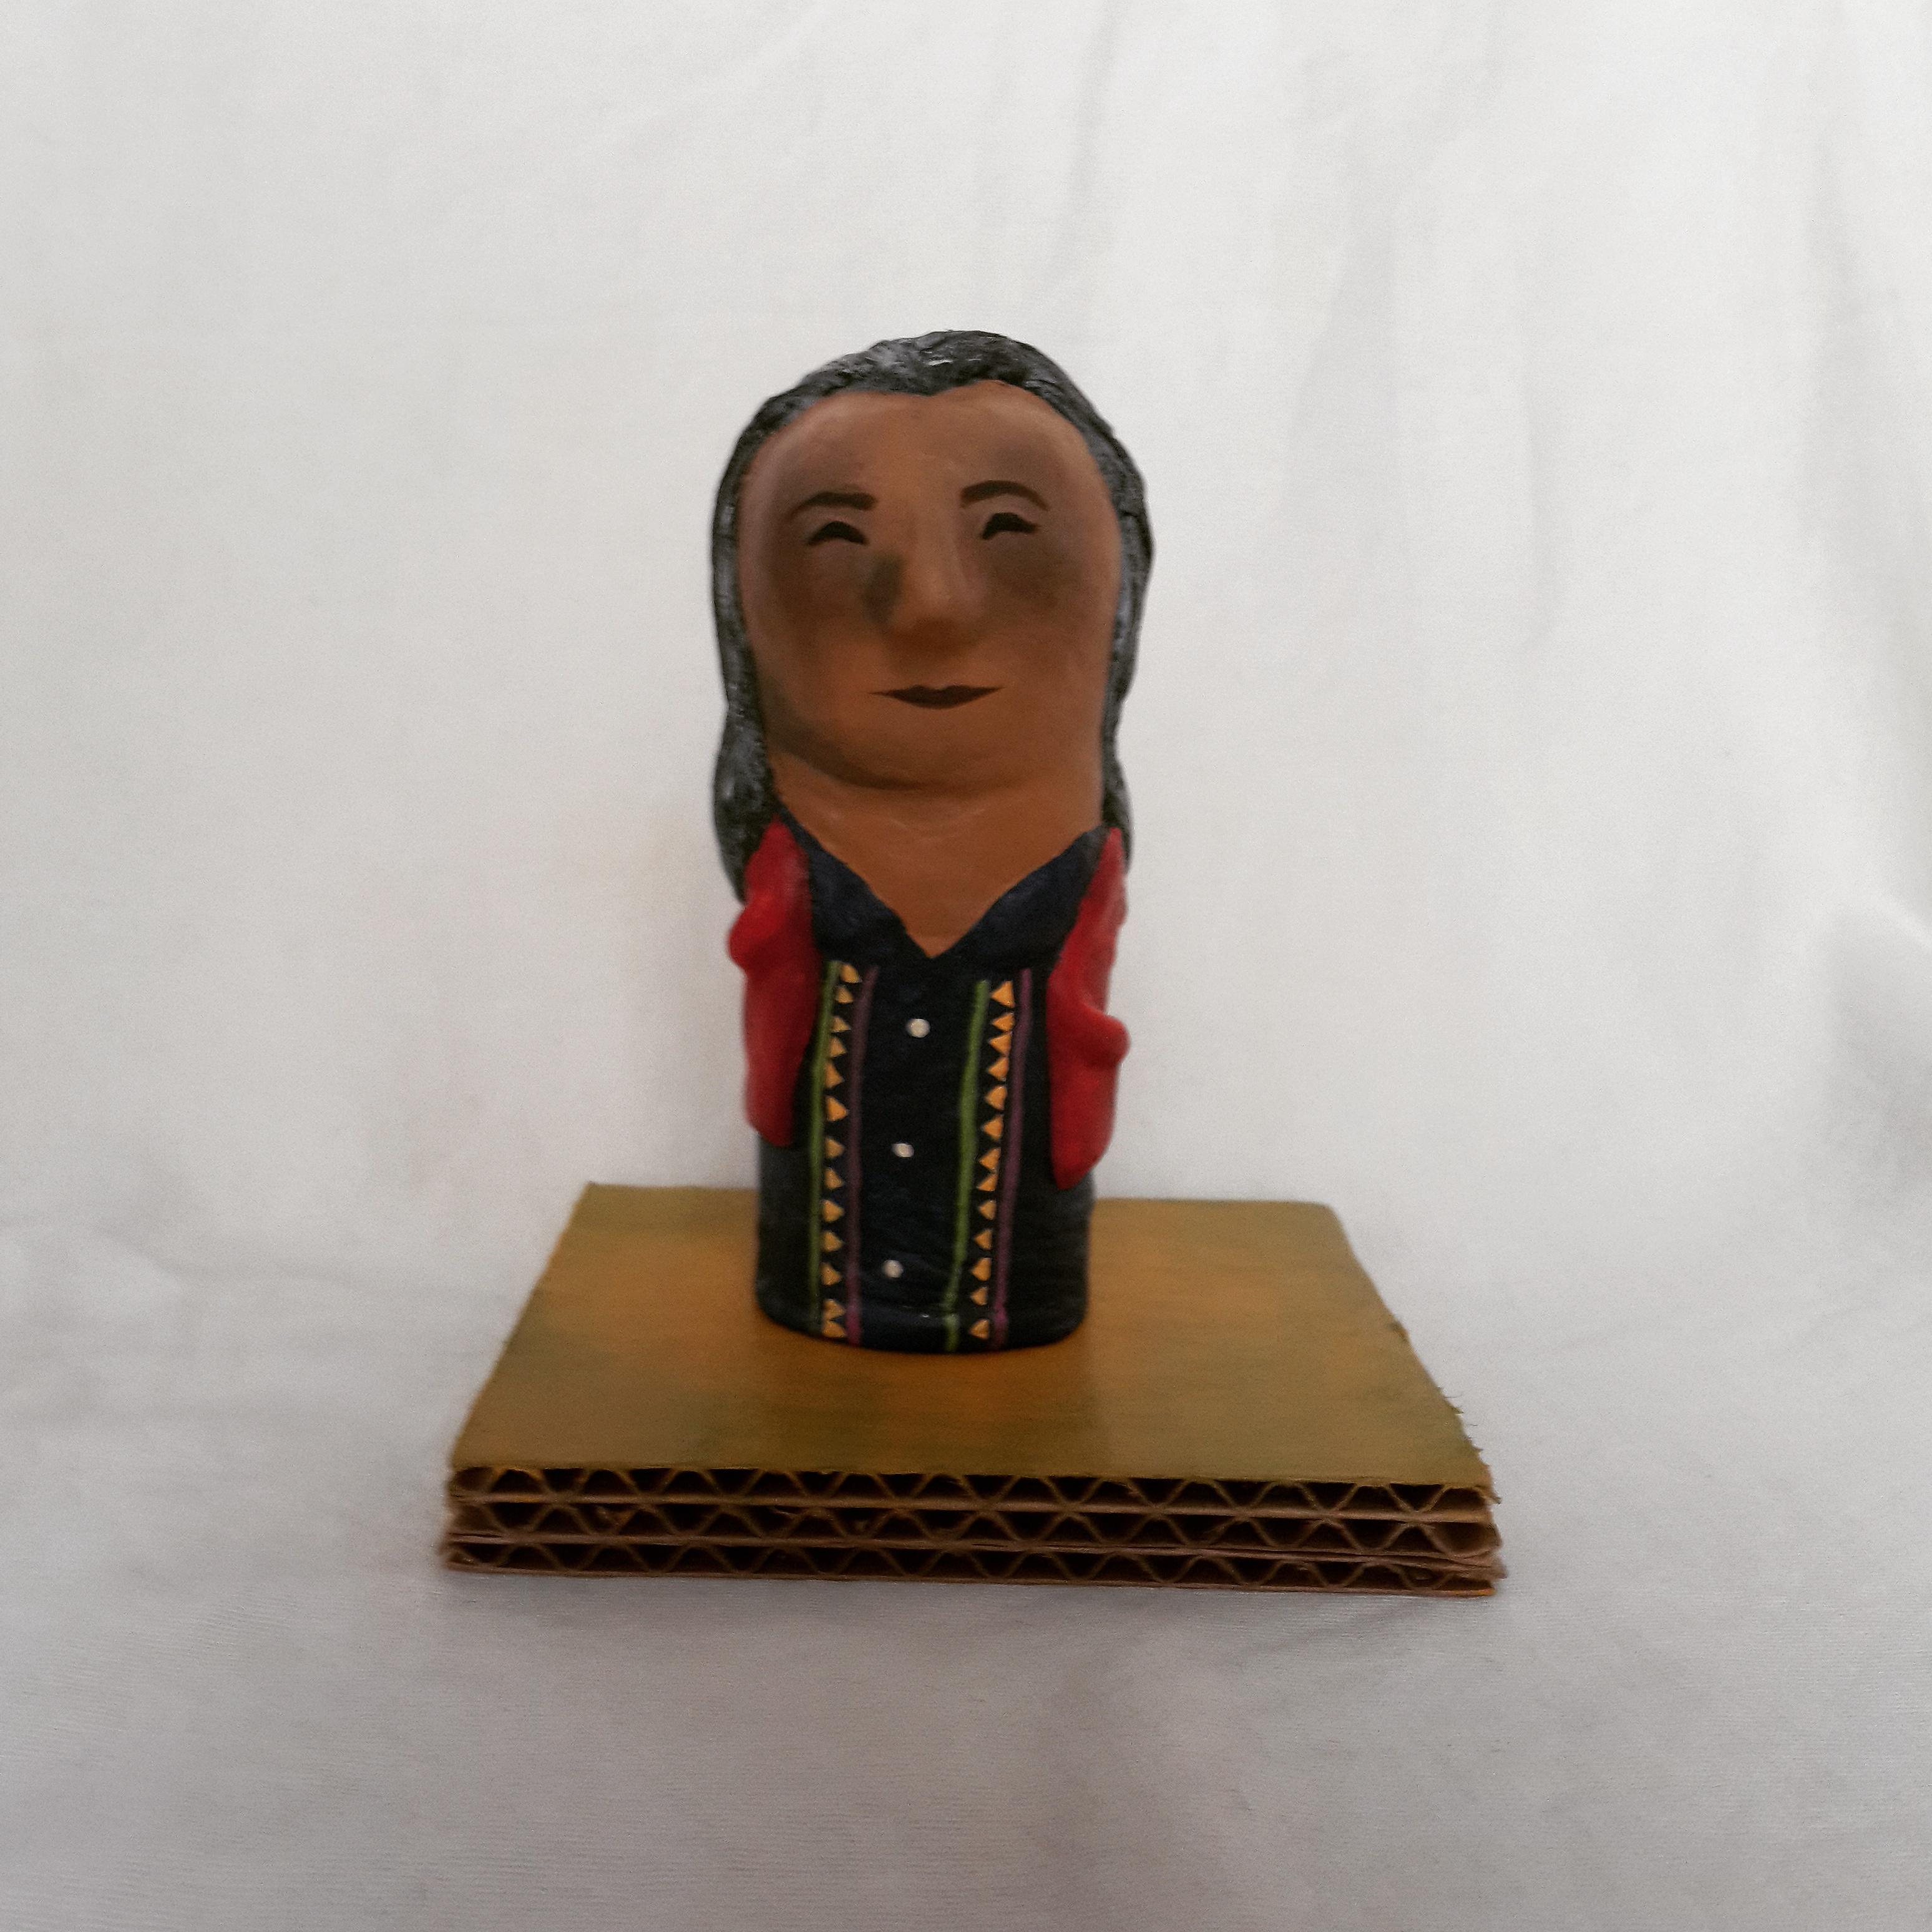 Don Pedro Bejarano